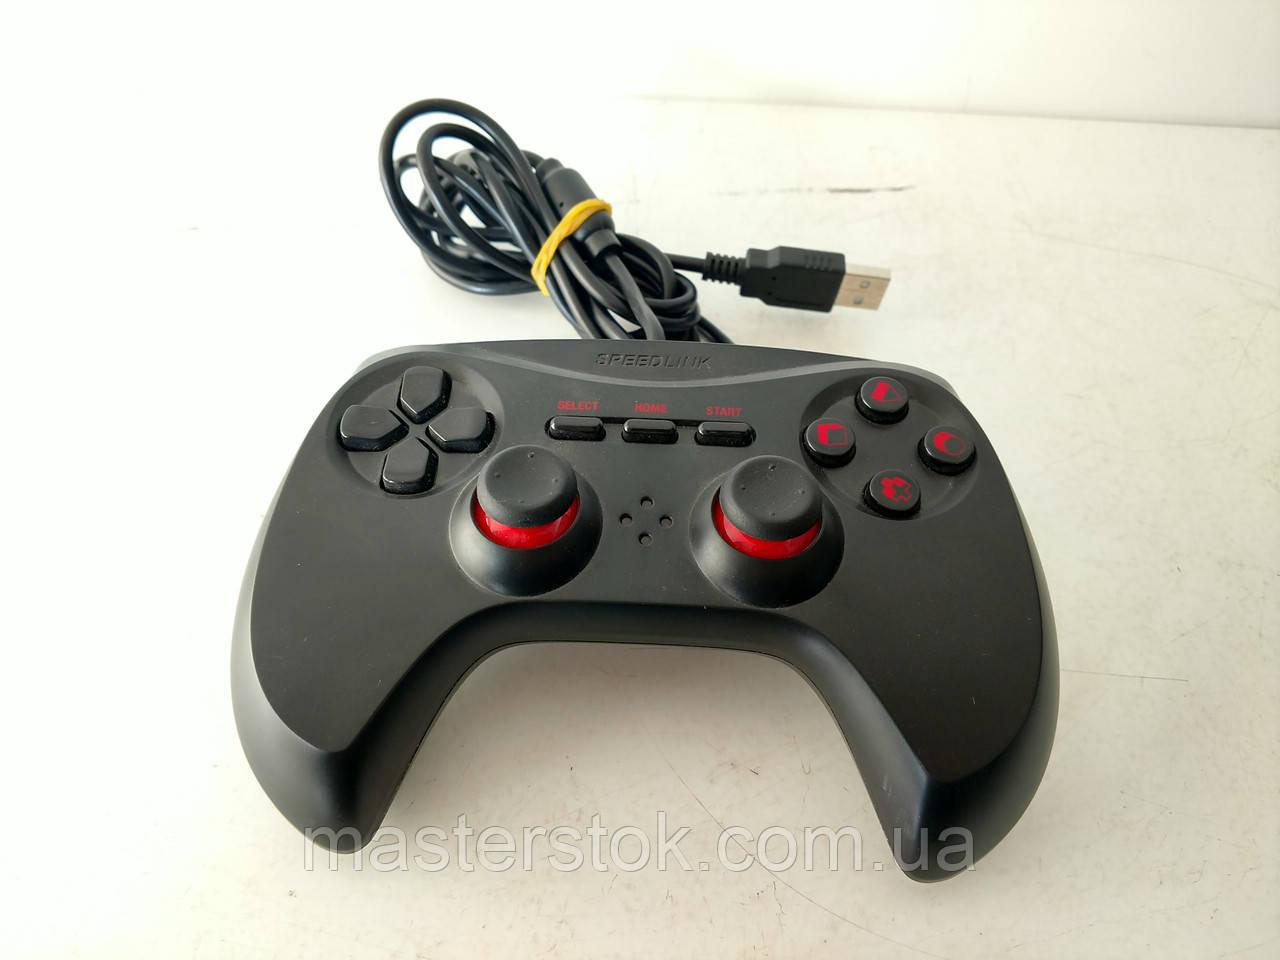 Проводной джойстик для Playstation 3 4